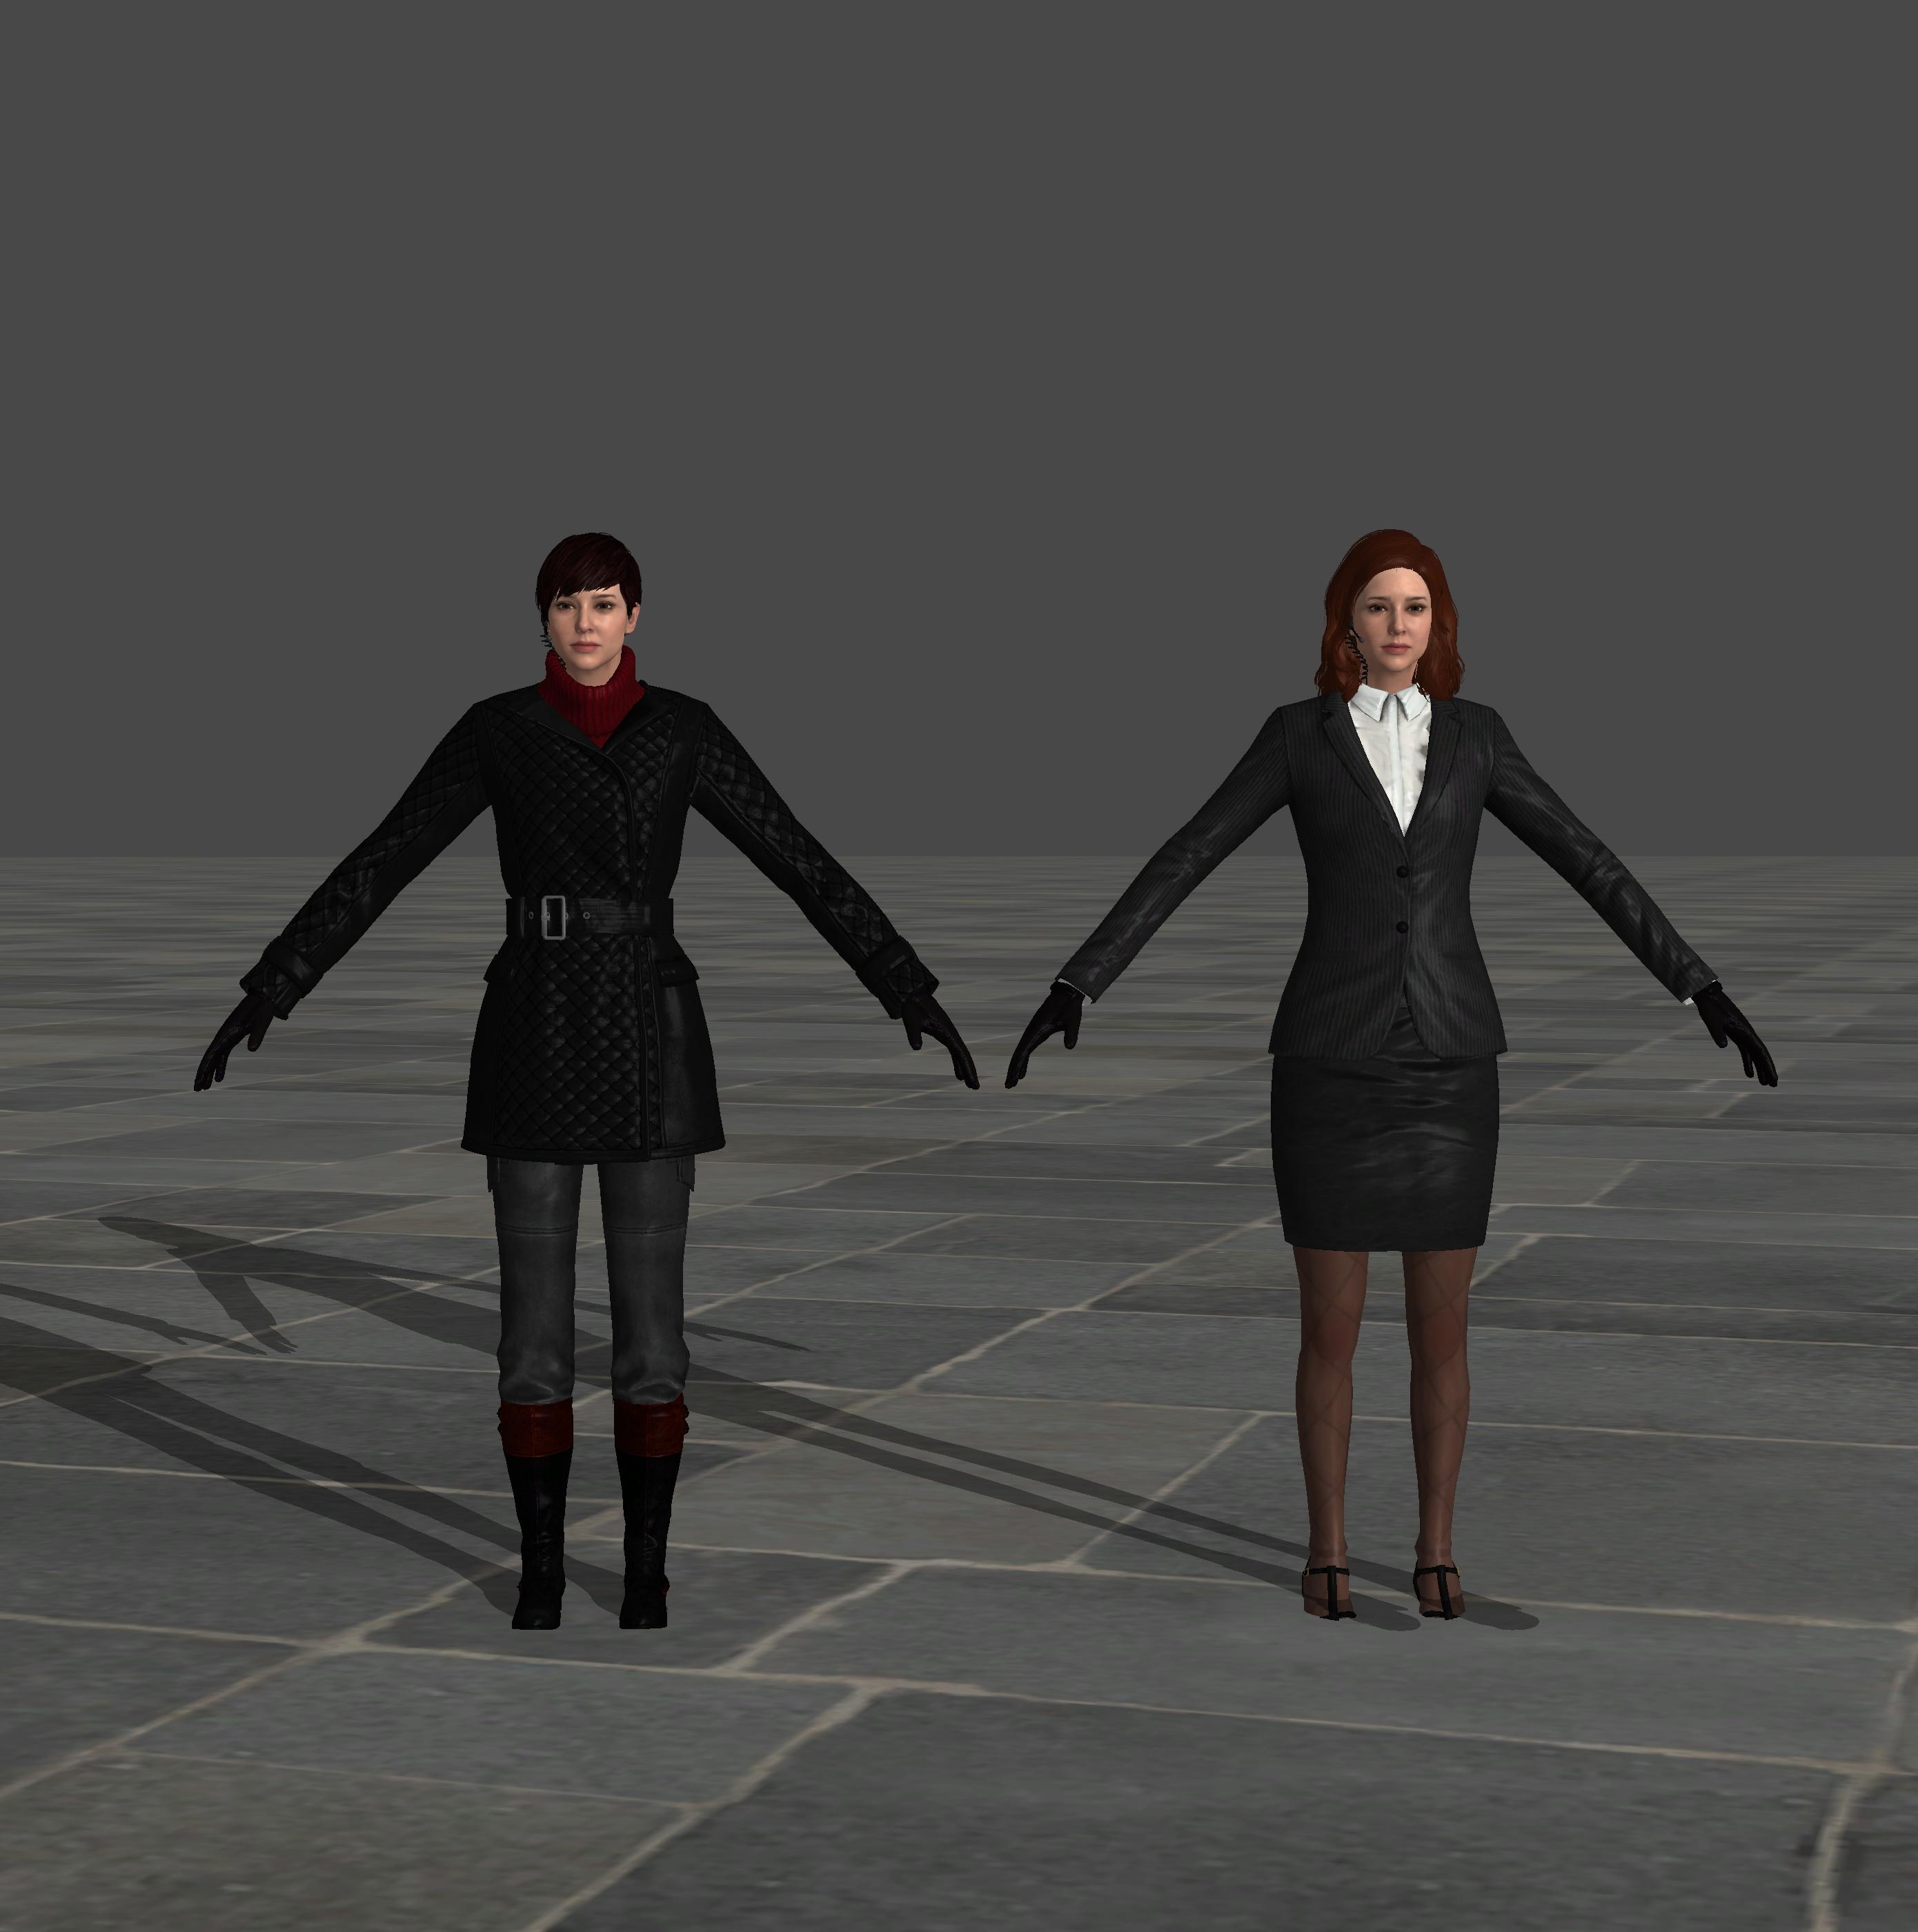 3d mmd 2b nier automata gangbang dance 3d cartoon sex game - 5 5